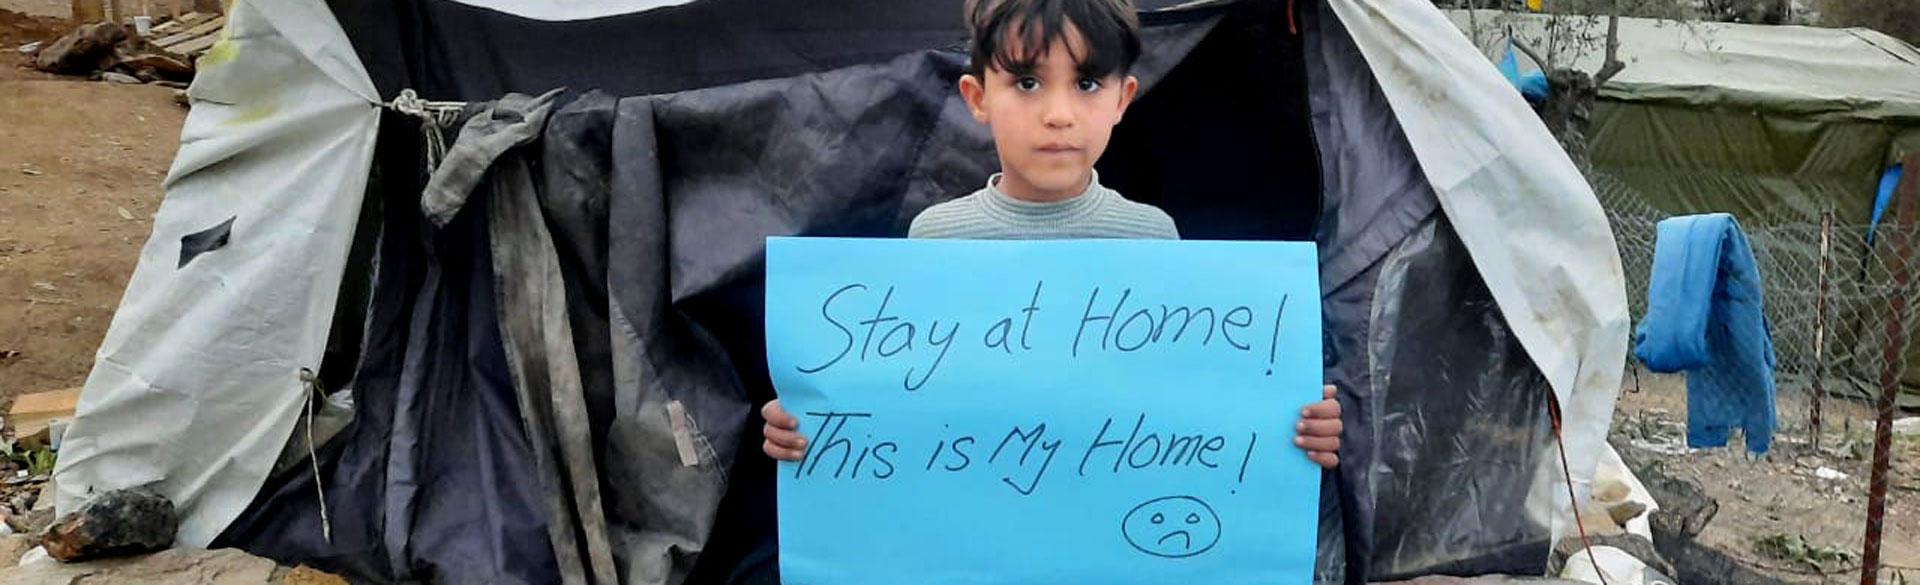 Solidarregion_Flüchtlingsprojekt_Kara-Tepe_Solidarität